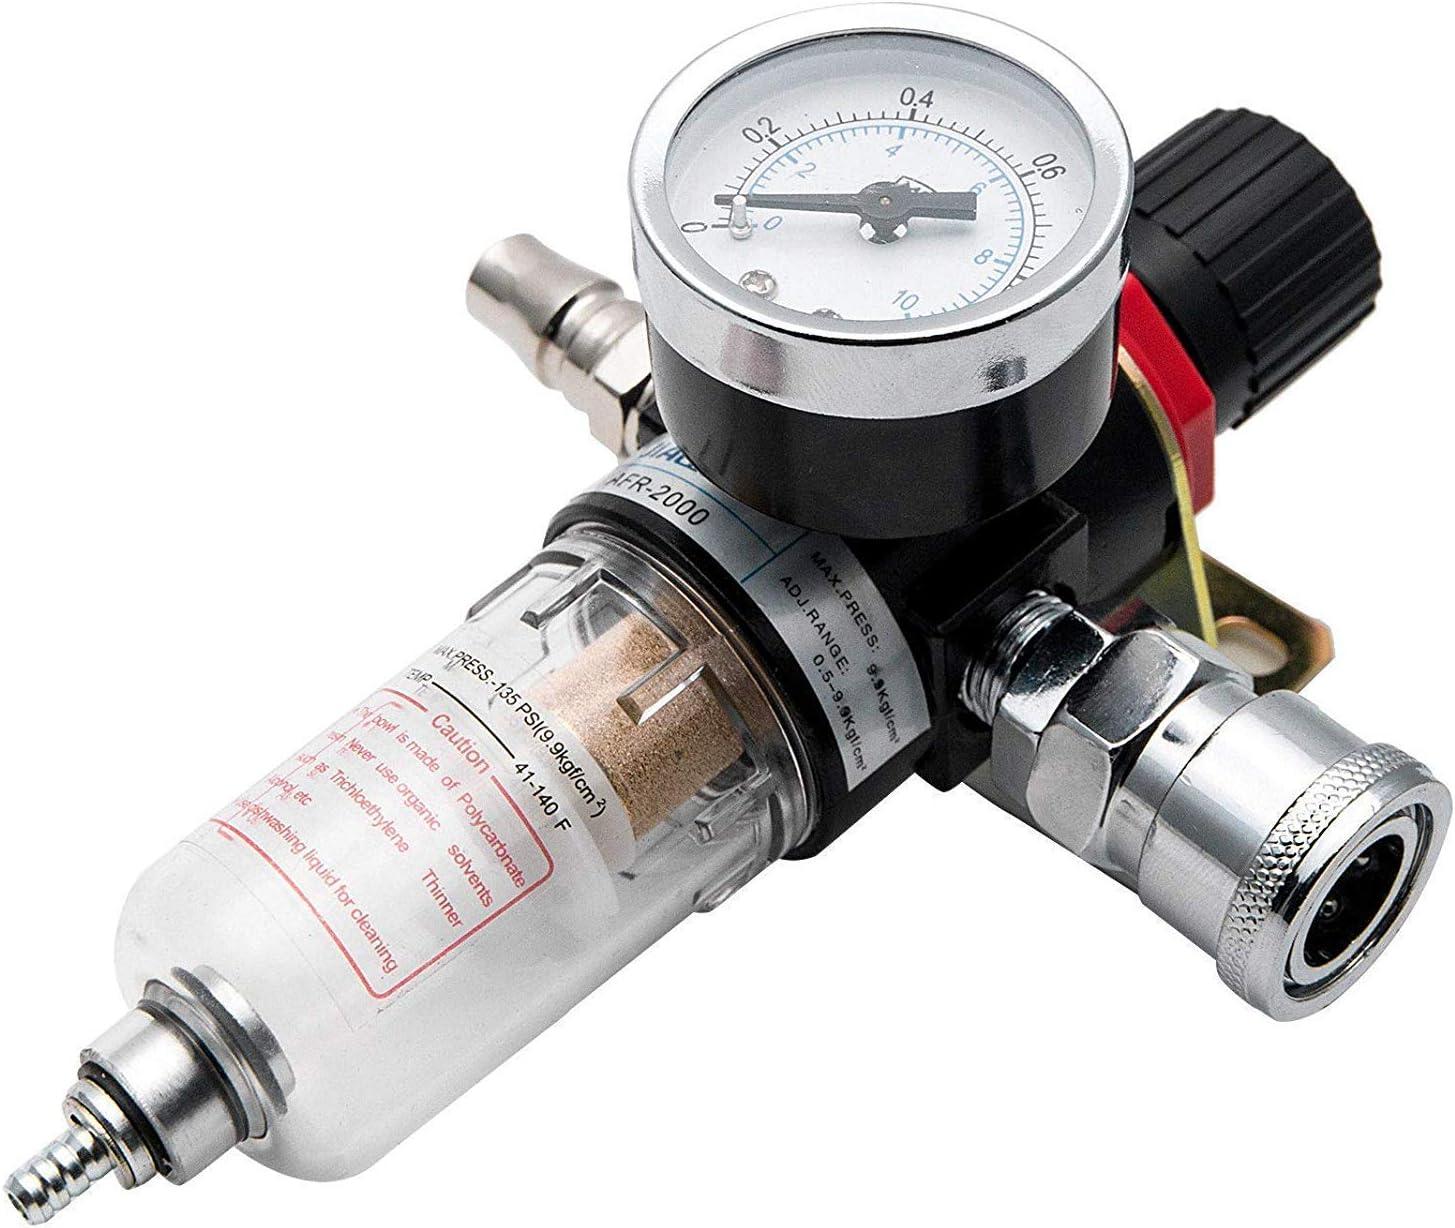 Riloer 1 4 Druckluftdruckregelfilter Druckluftfilter Des Luftwerkzeugsystems Afr 2000 Auto